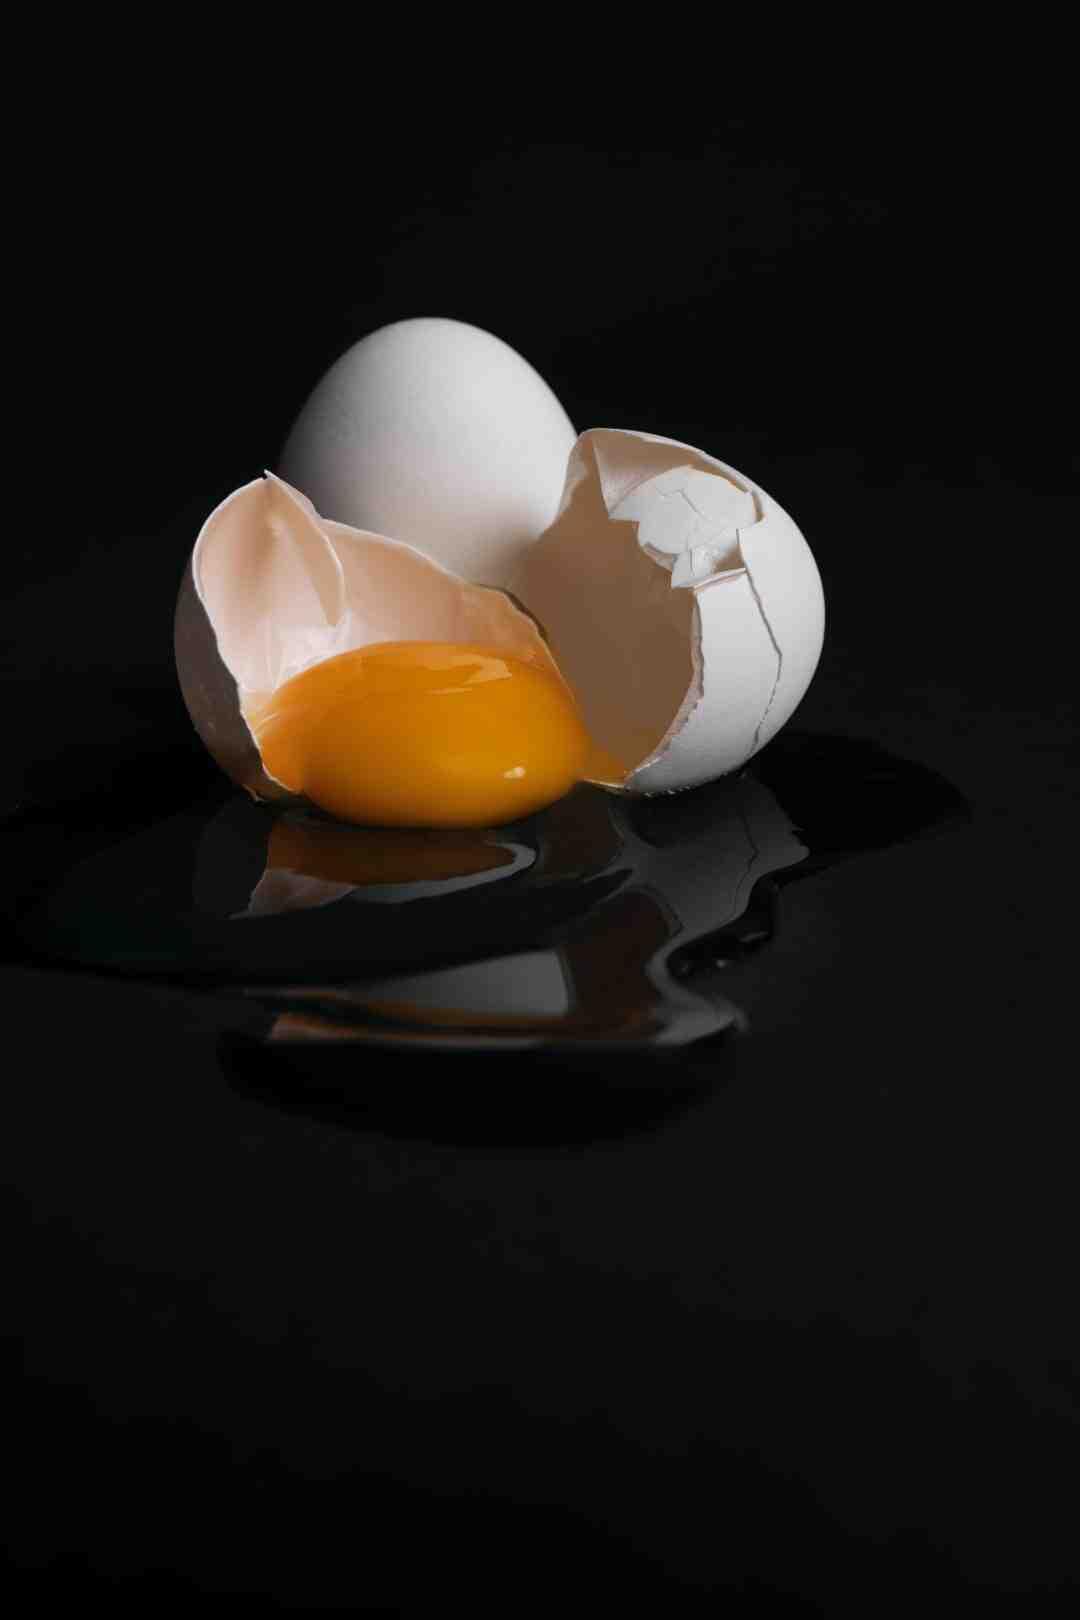 Comment enlever la coquille d'un œuf mollet ?